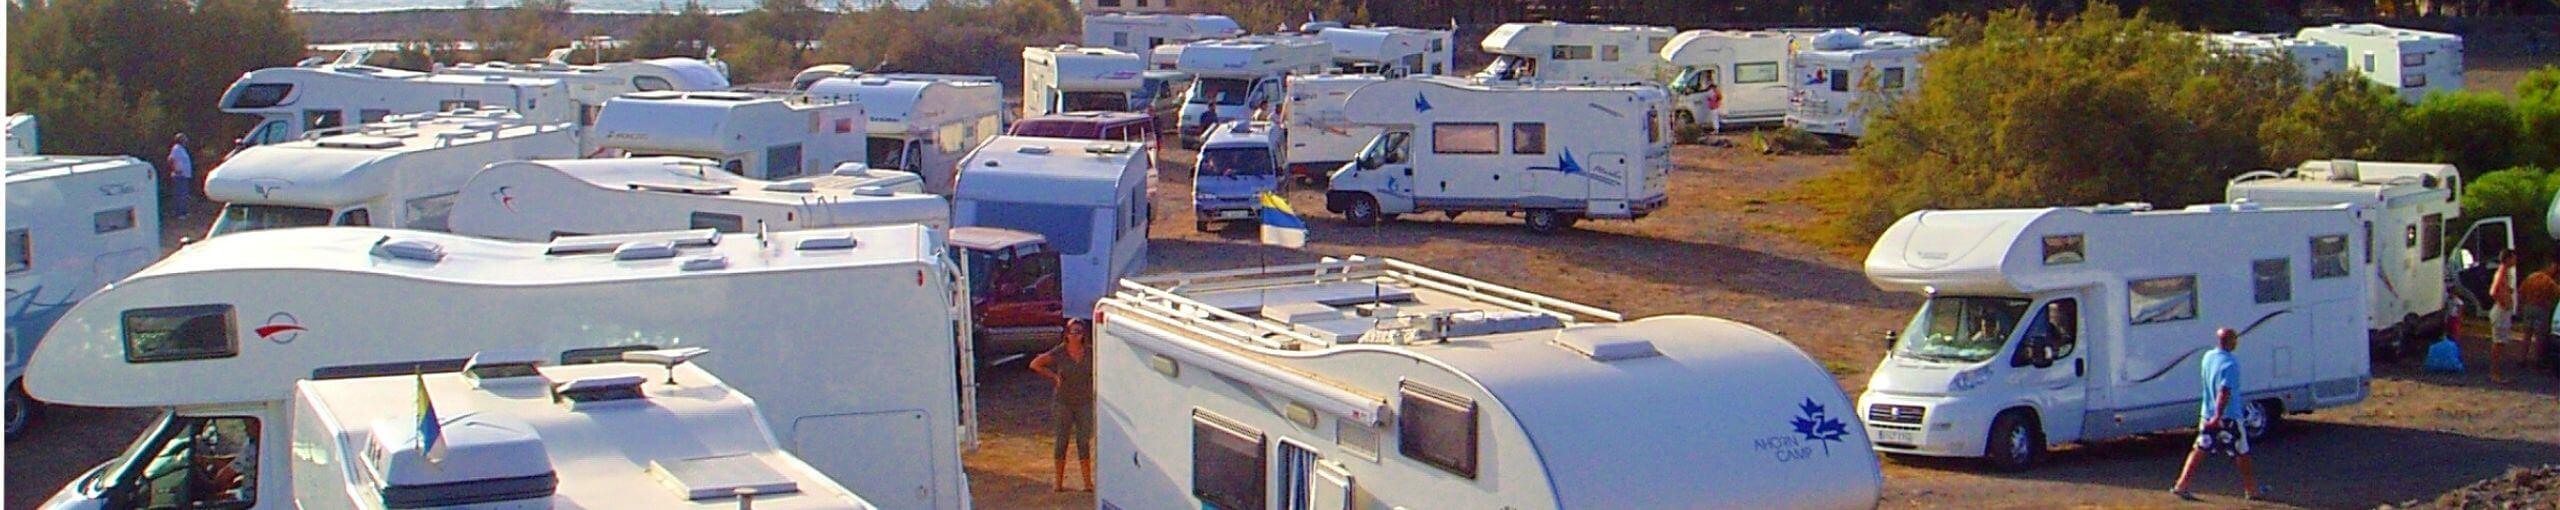 Clubes de Camping en España